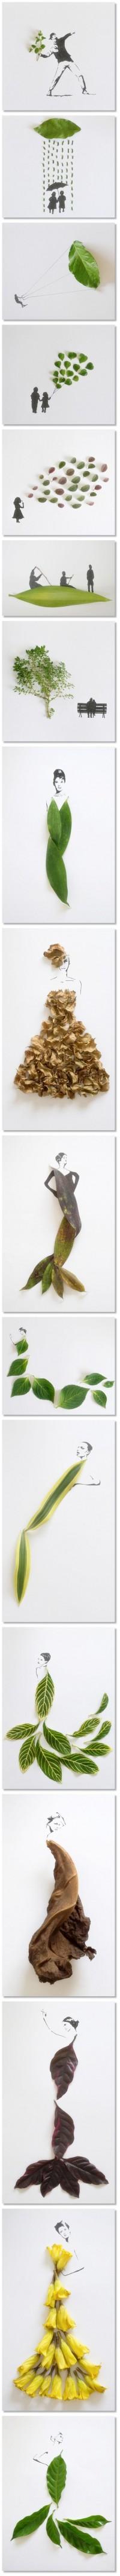 Creative Leaf Art